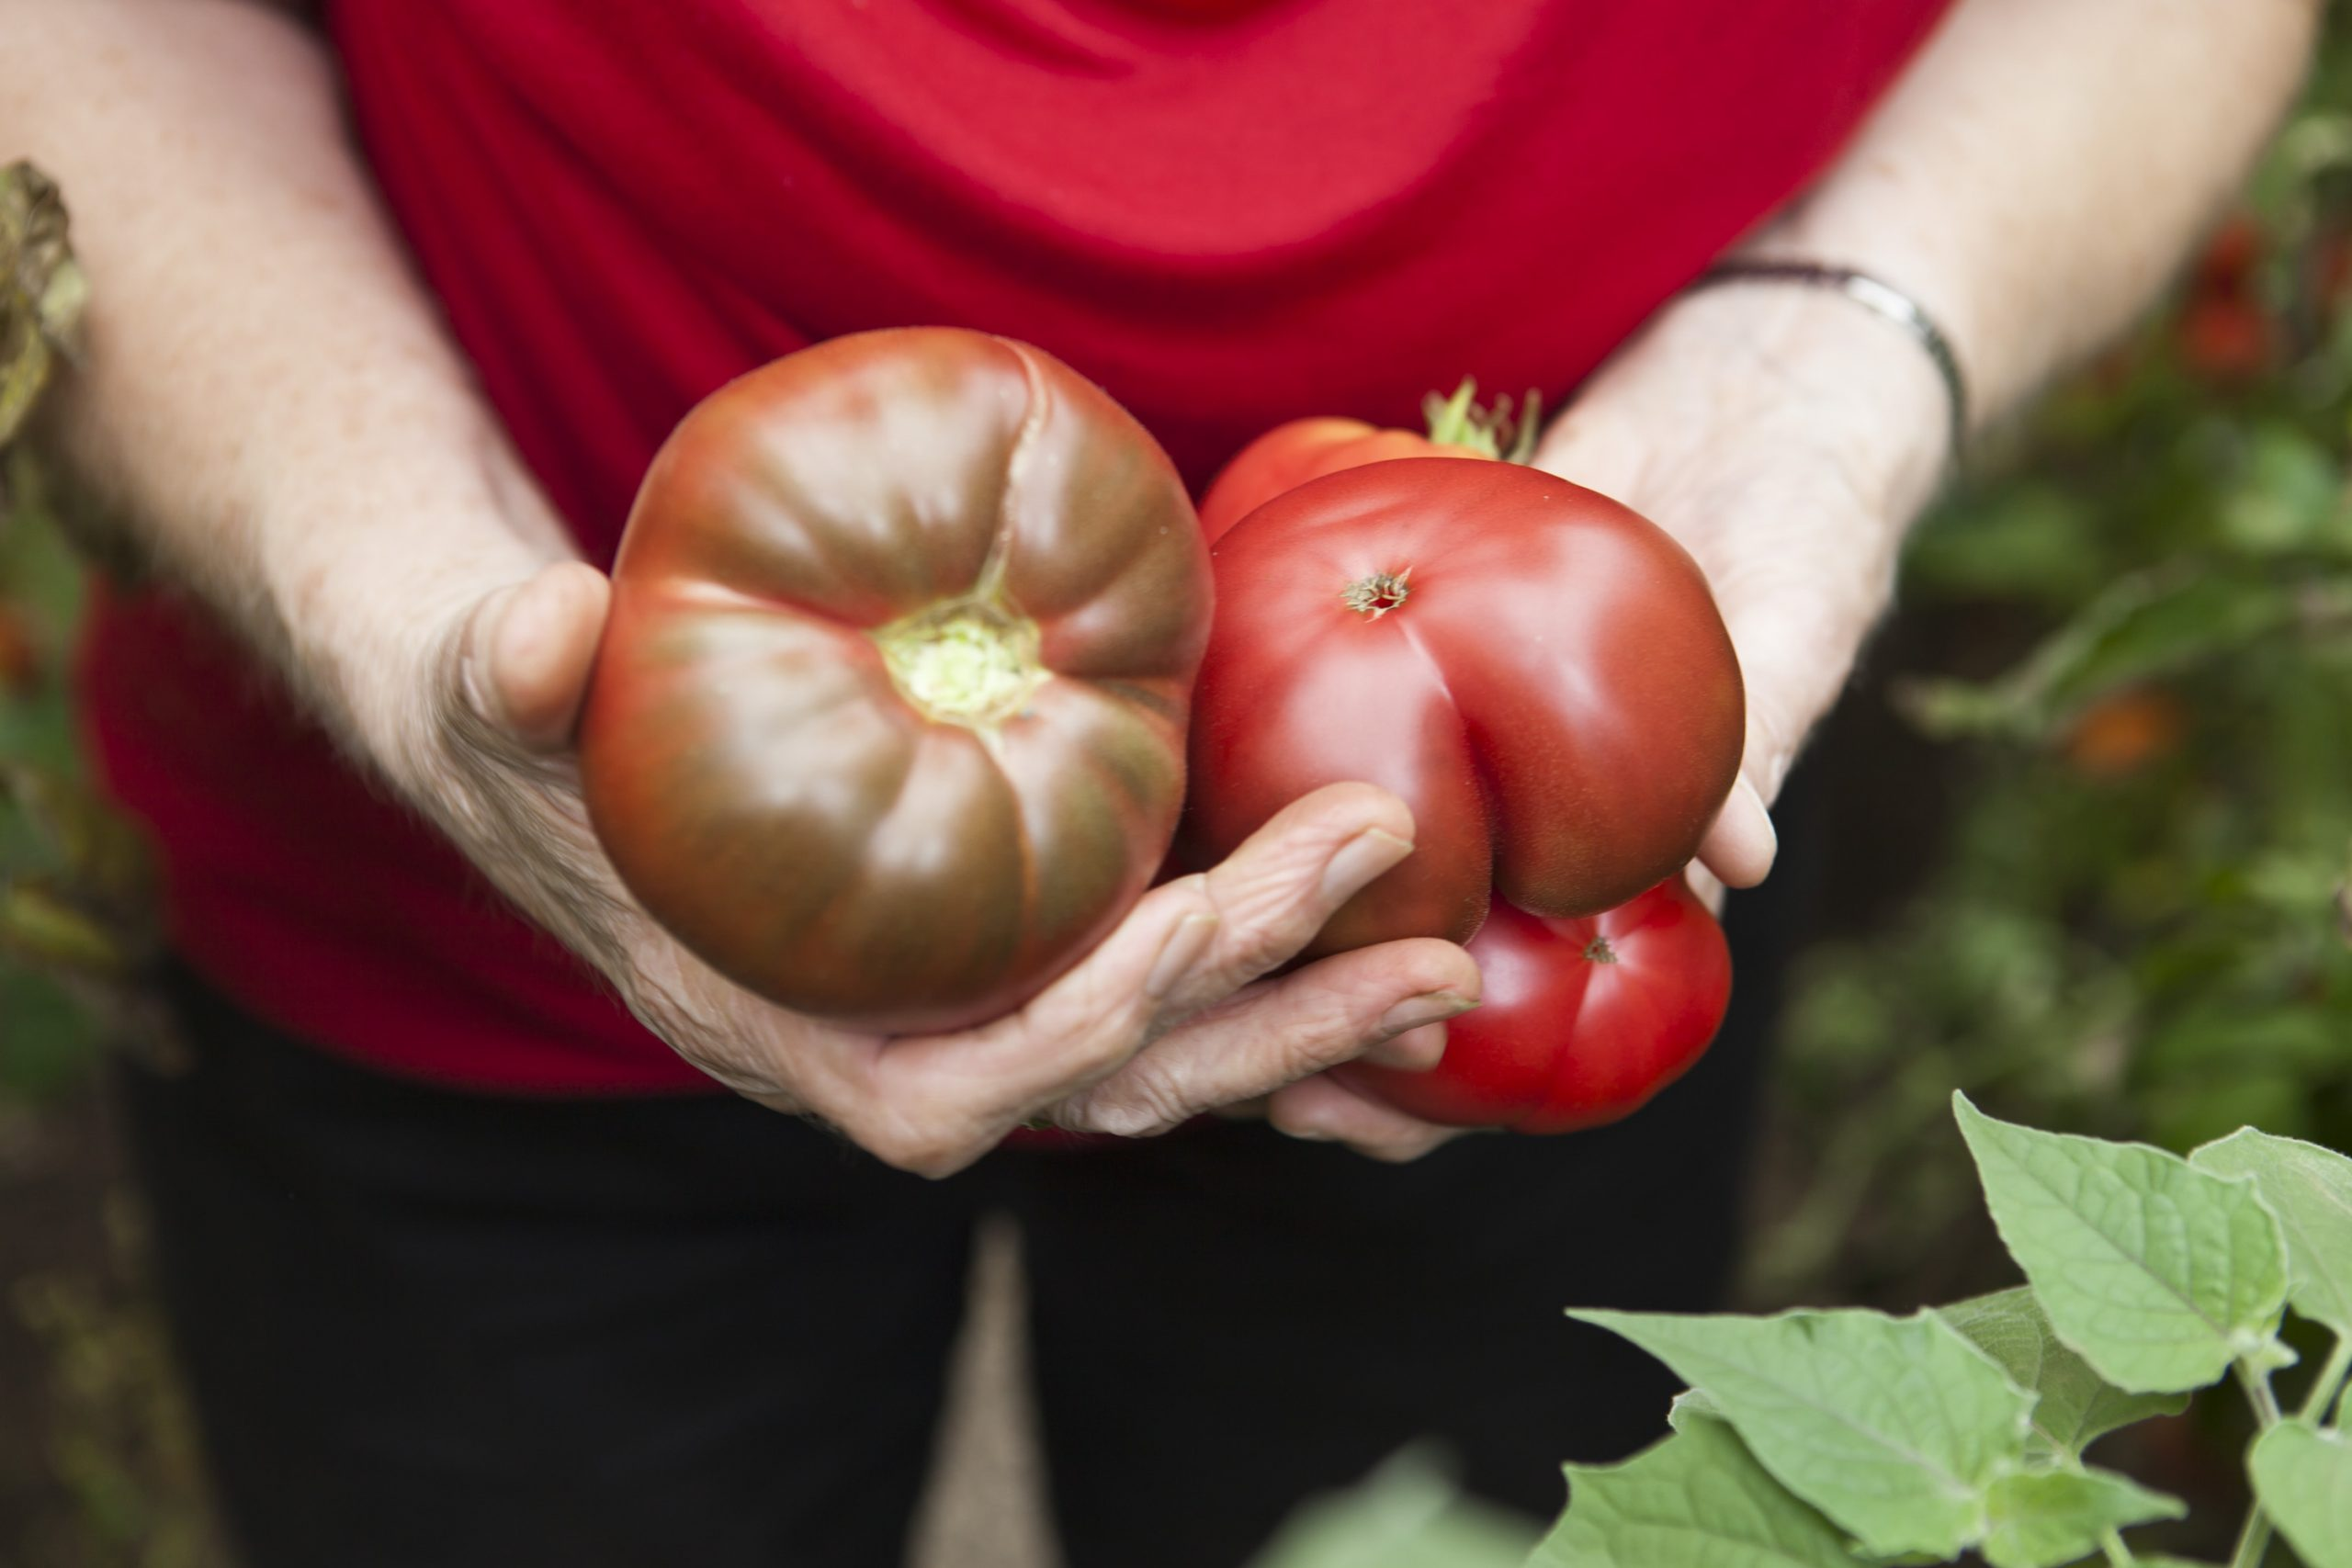 """Robert Fleischanderl: """"Tomaten"""", 2020, 50x70 cm, Plakat auf Wand affichiert, (c) Robert Fleischanderl 2020/2021"""